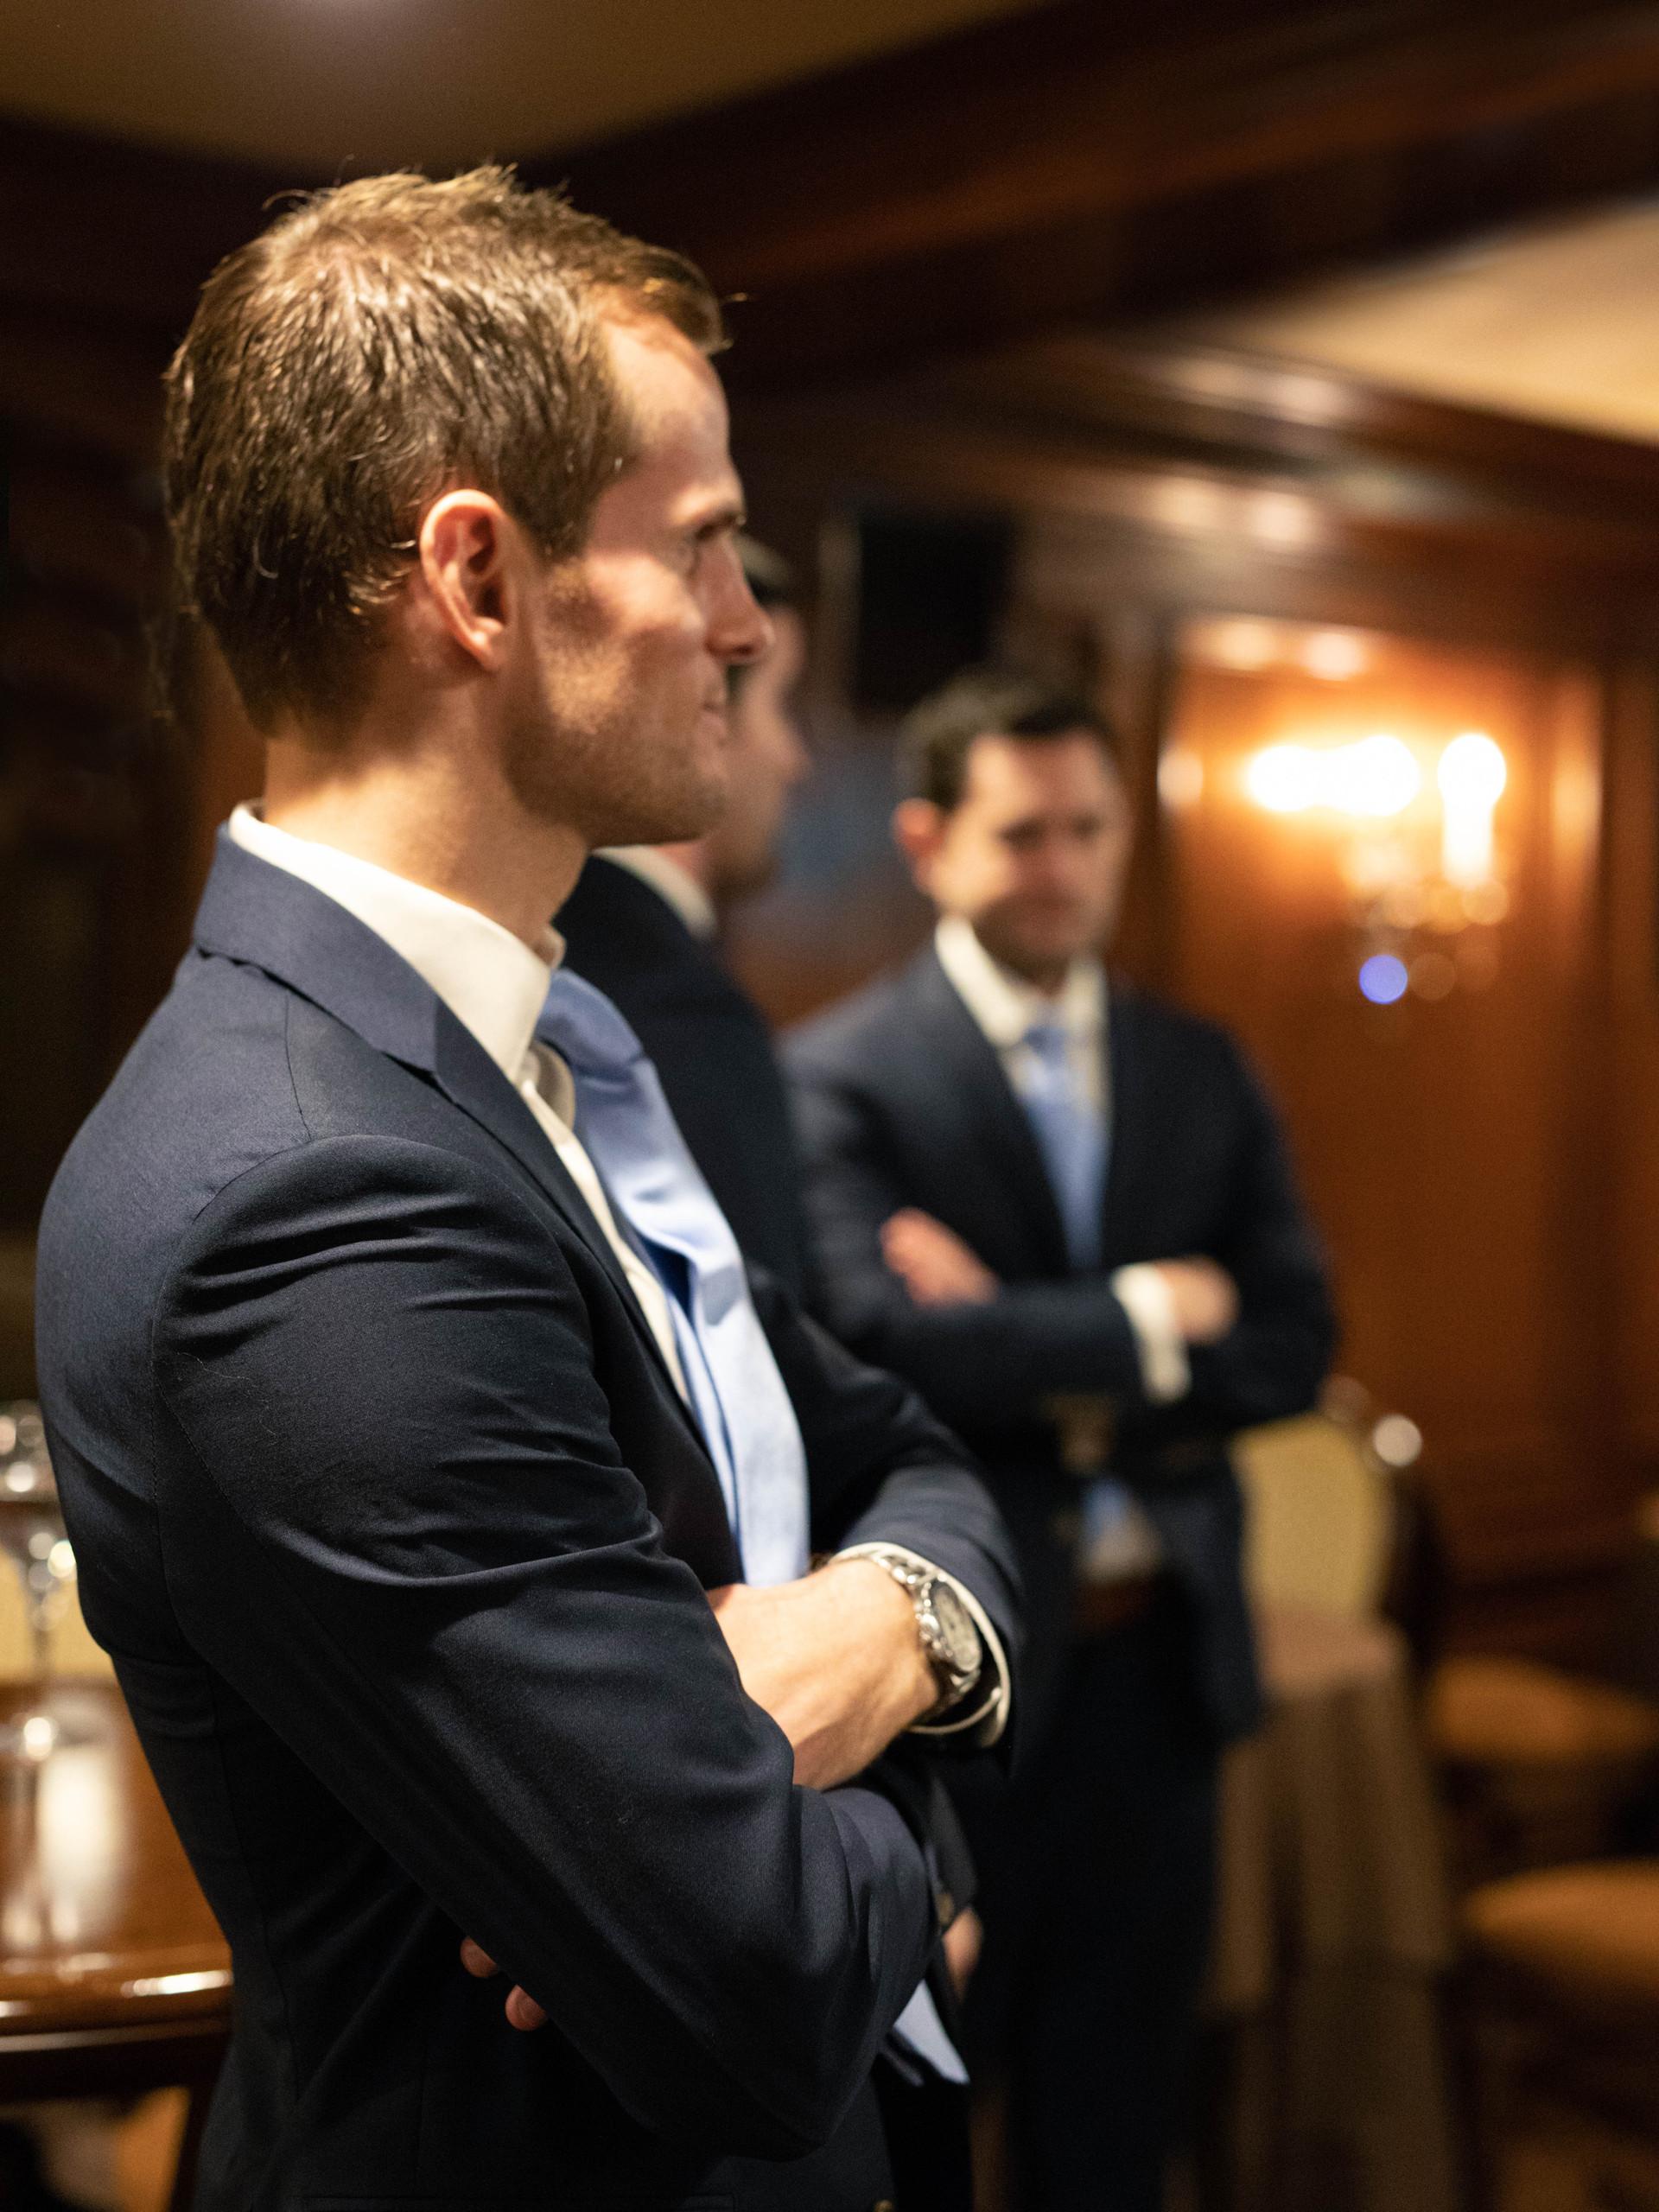 new-jersey-wedding-groom-suit-3.jpg